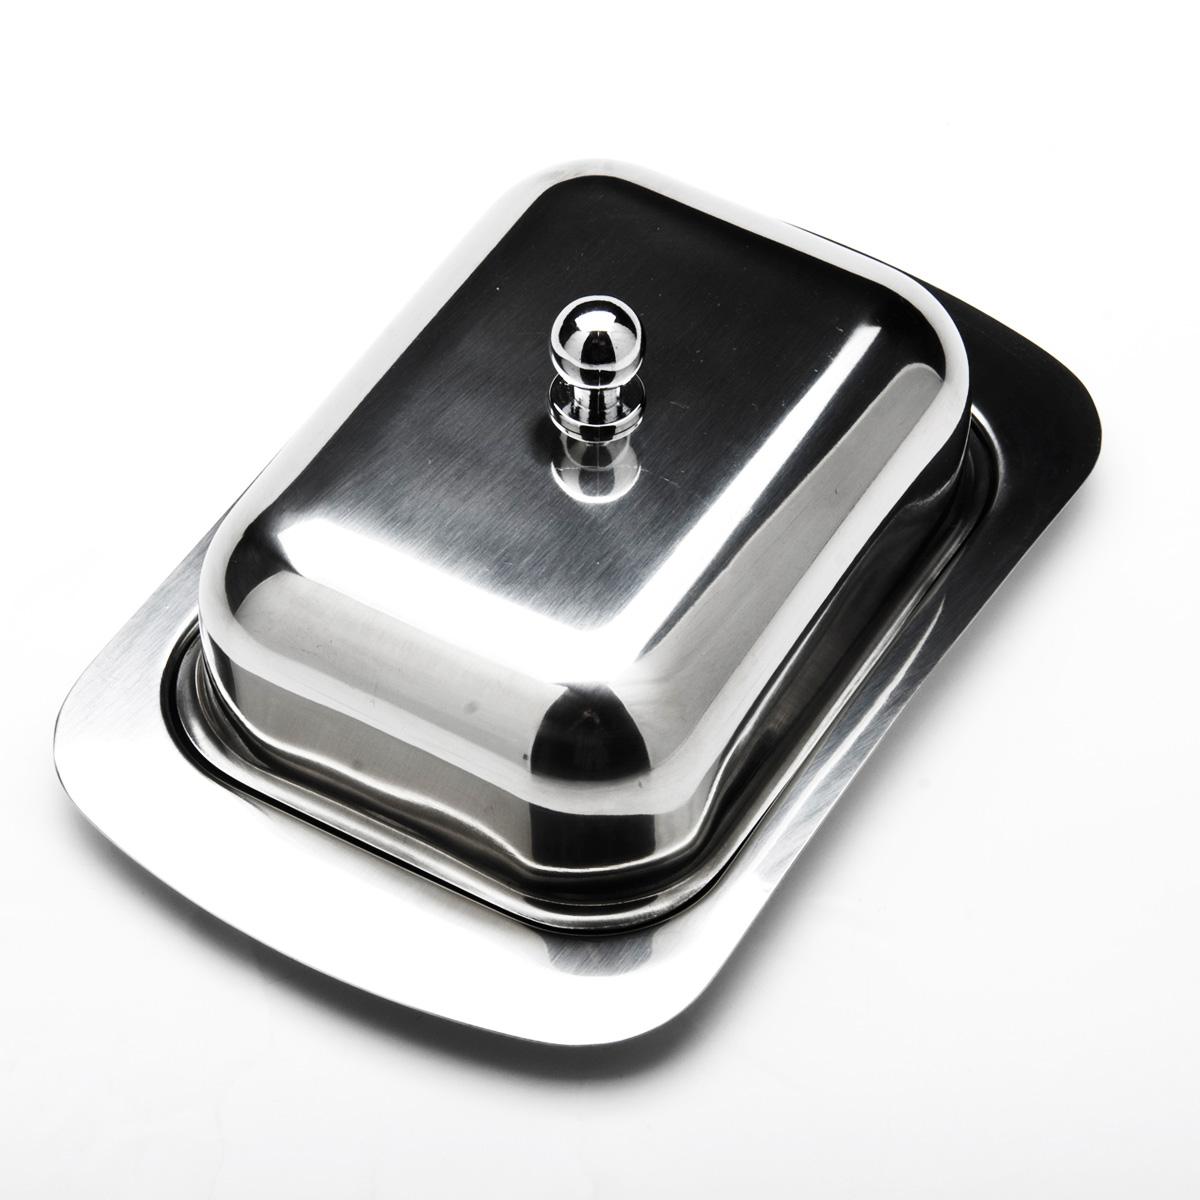 Масленка Mayer & Boch. 2351524662Масленка Mayer & Boch, изготовленная из высококачественной нержавеющей стали, предназначена для красивой сервировки и хранения масла. Она состоит из подноса и крышки с ручкой. Масло в ней долго остается свежим, а при хранении в холодильнике не впитывает посторонние запахи. Гладкая поверхность обеспечивает легкую чистку. Можно мыть в посудомоечной машине. Размер подноса: 19 см х 12 см х 2 см. Размер крышки: 13,5 см х 10 см х 6 см.